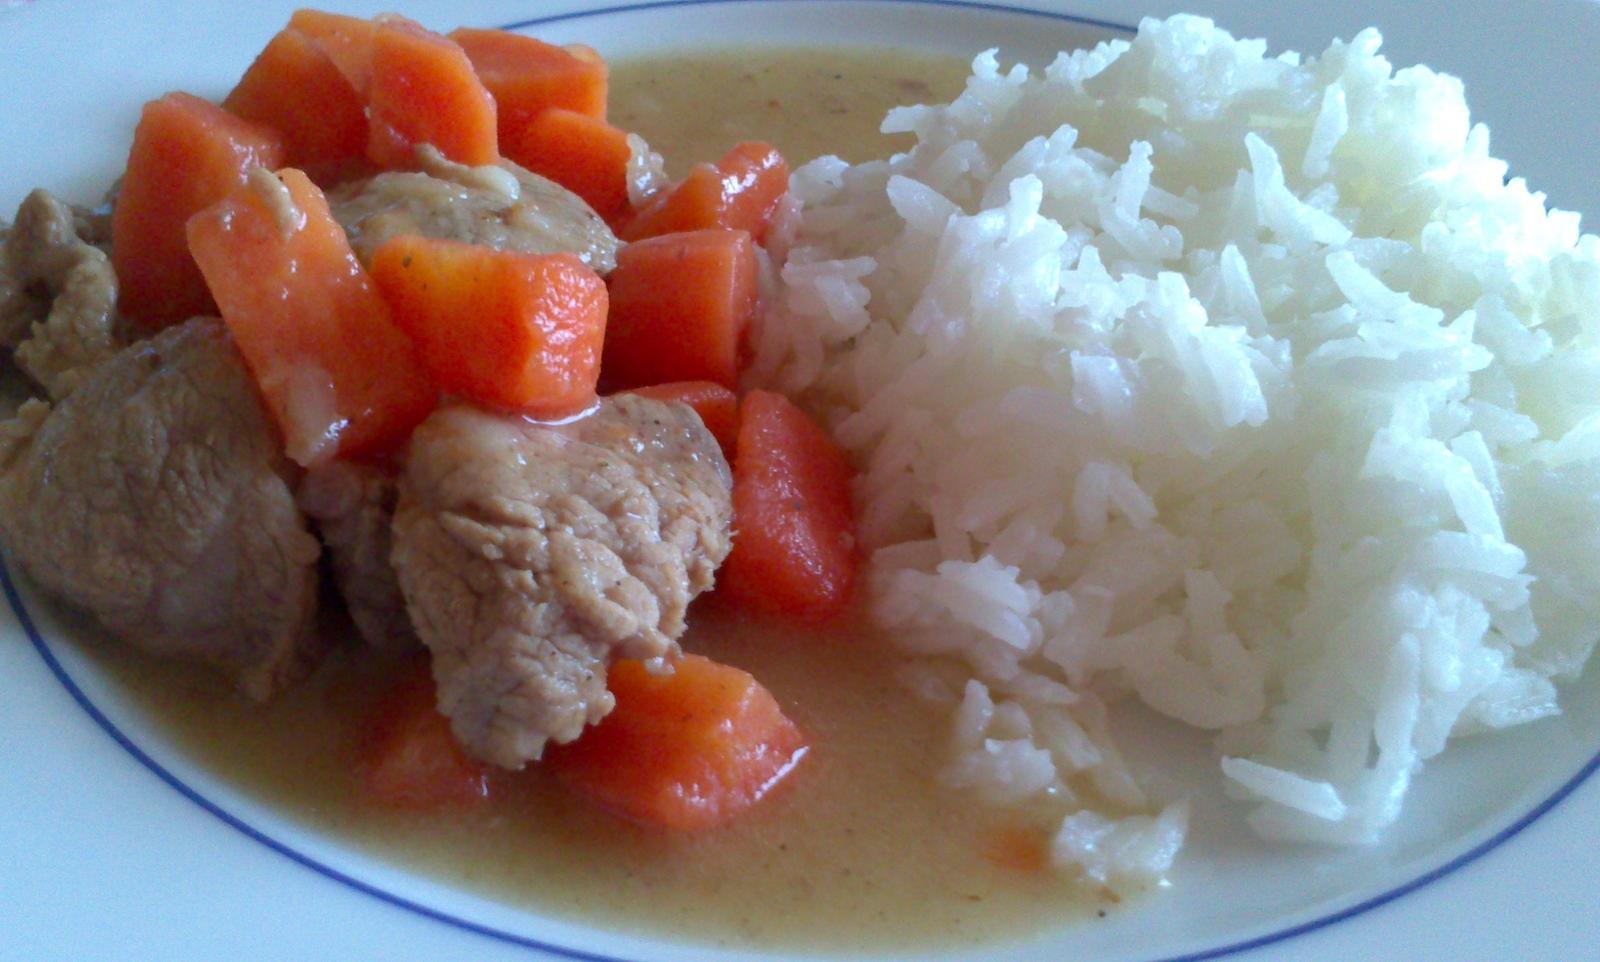 A občas i vařím... - Vepřová plec s mrkví podle Vaňka - jednoduché jídlo, celkem rychlá příprava, báječná chuť :)